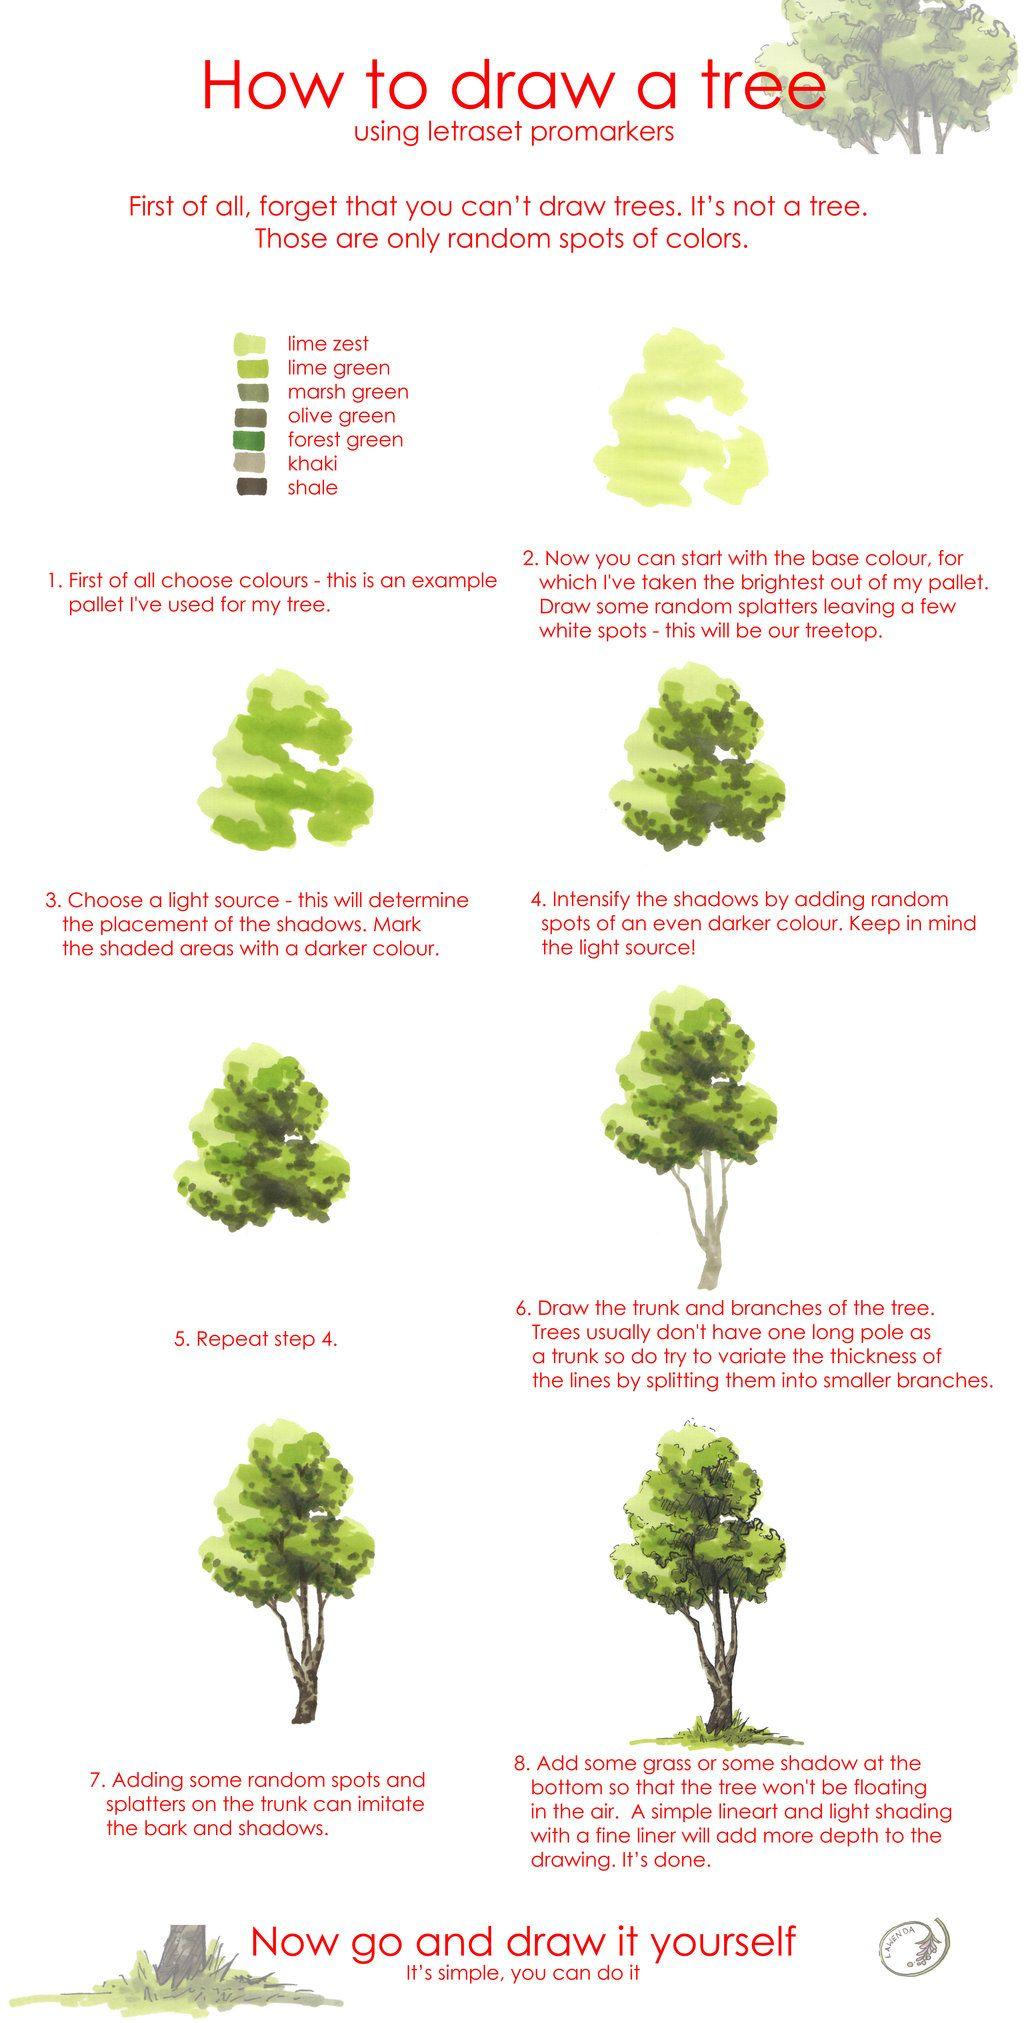 Tree Drawing Tutorial Baum Anleitung Zeichenvorlagen